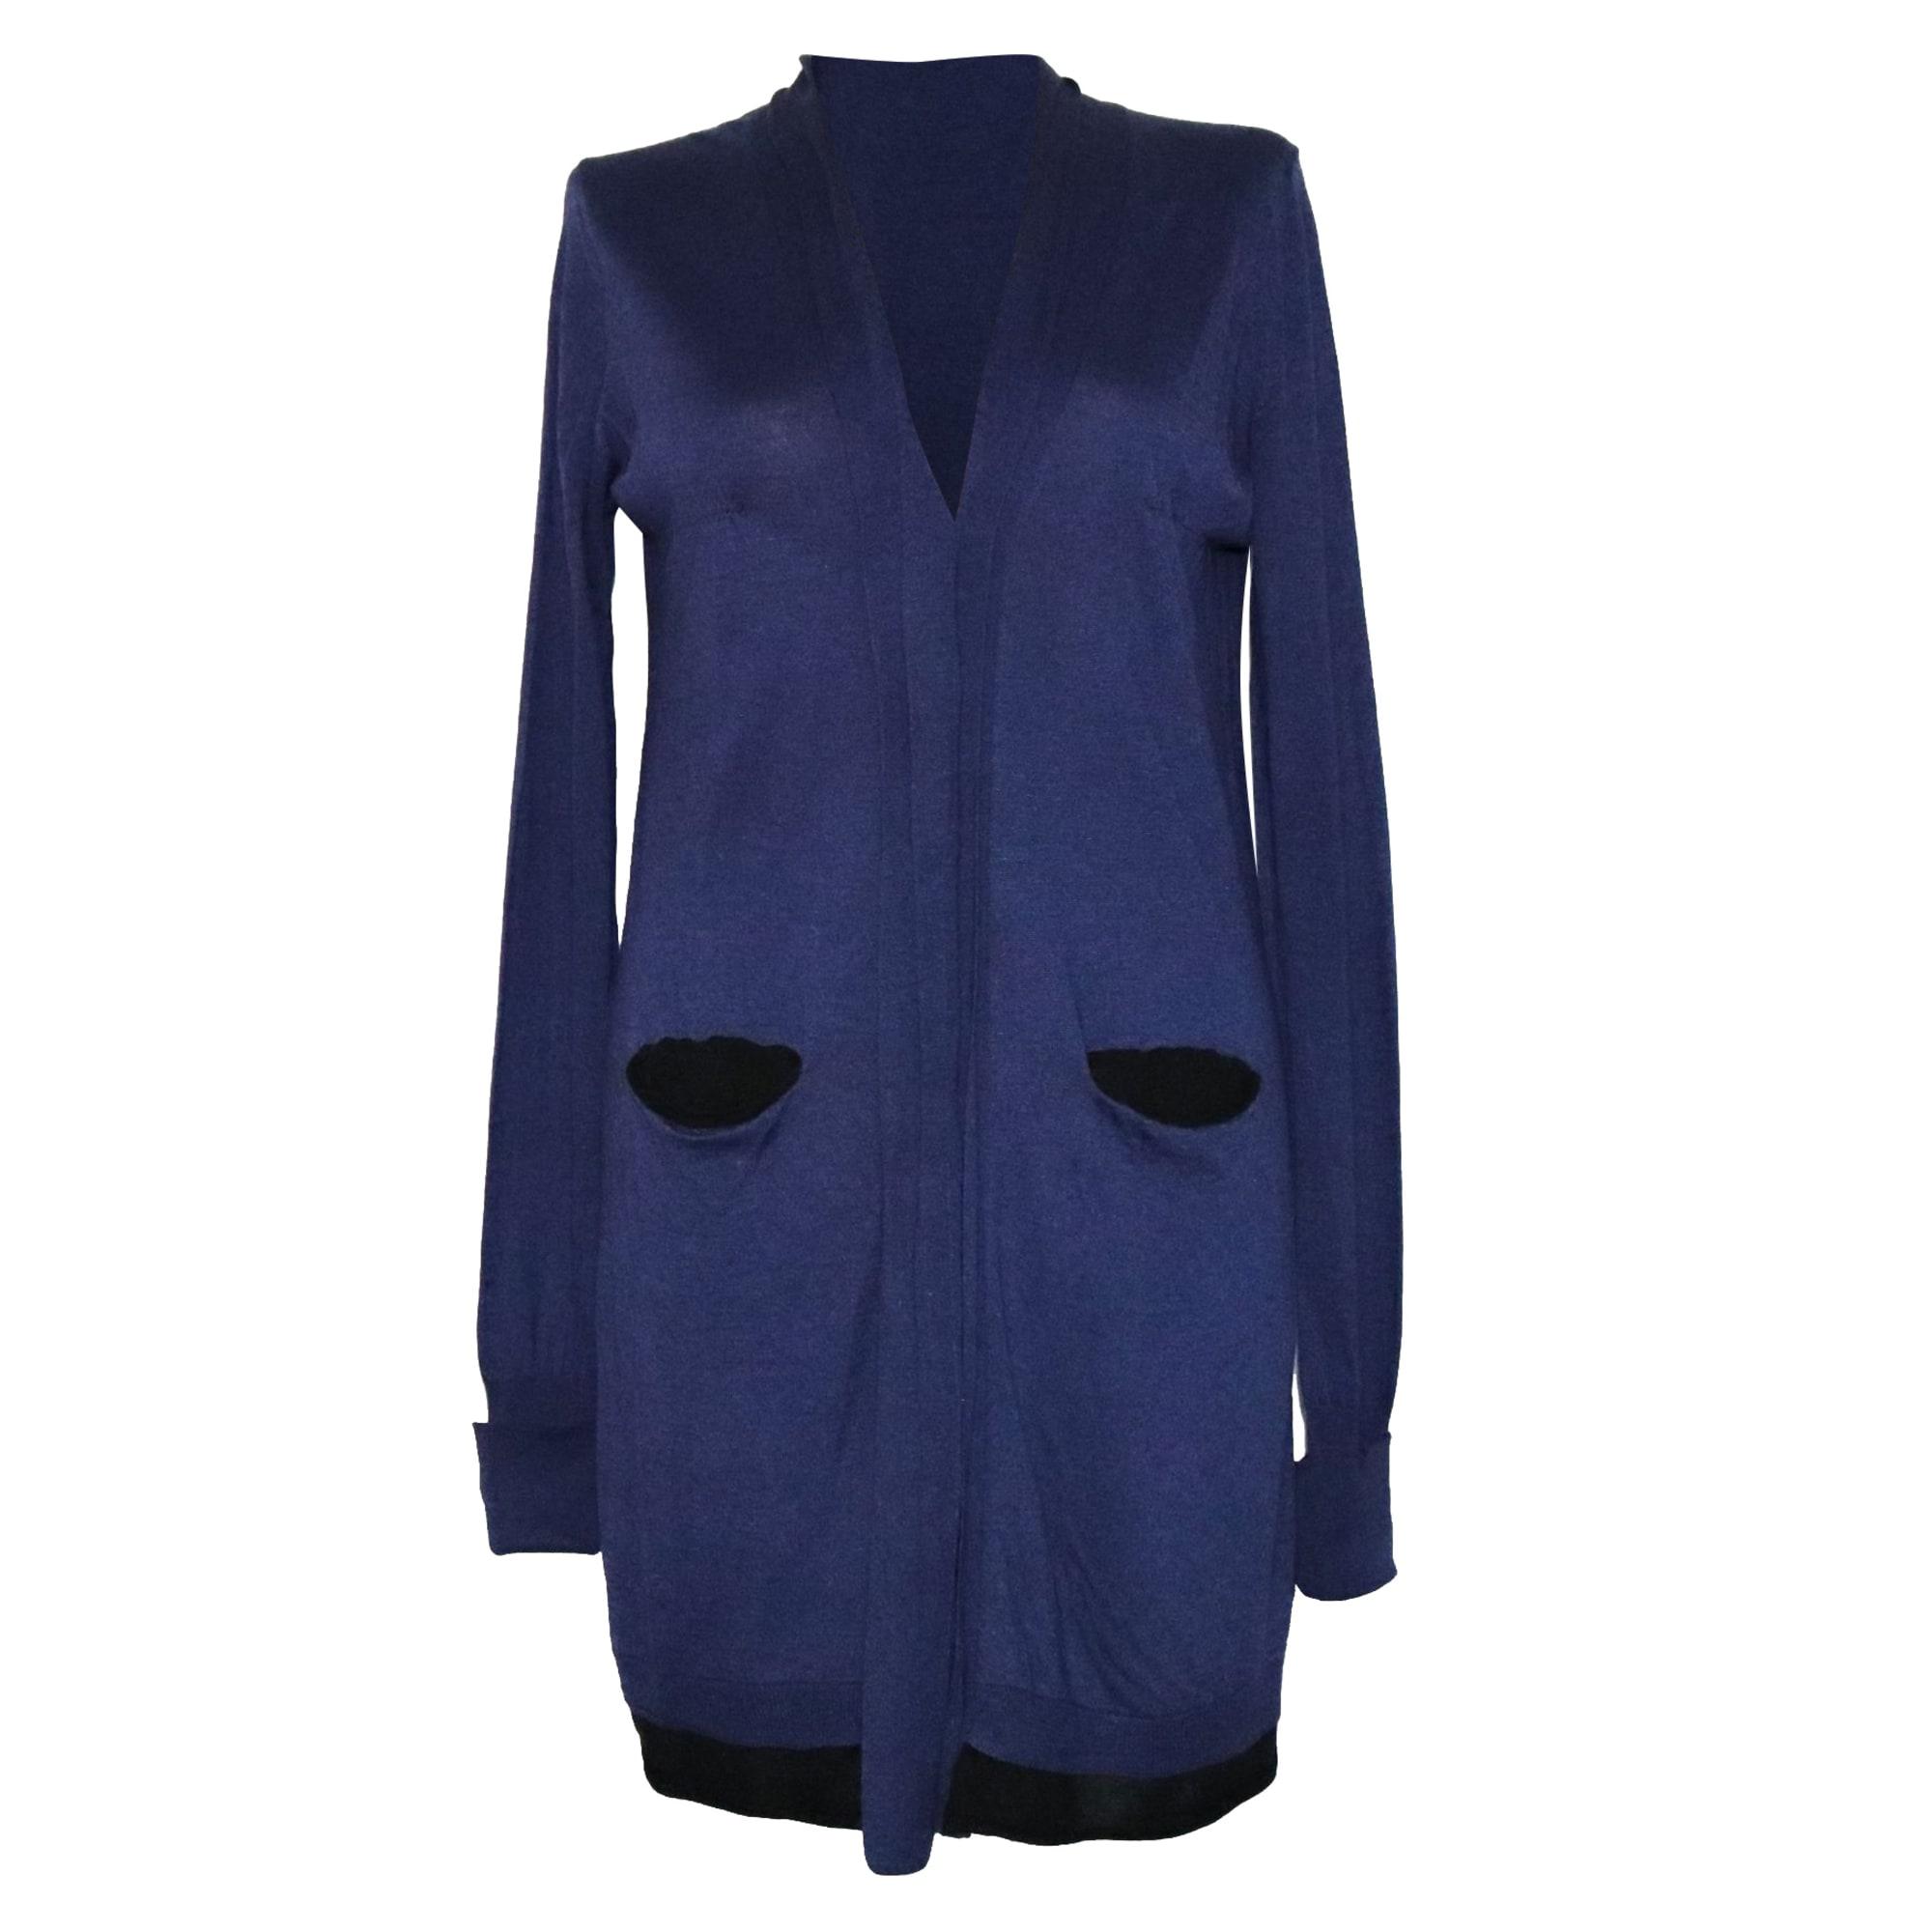 Gilet, cardigan TWIN-SET SIMONA BARBIERI Bleu, bleu marine, bleu turquoise